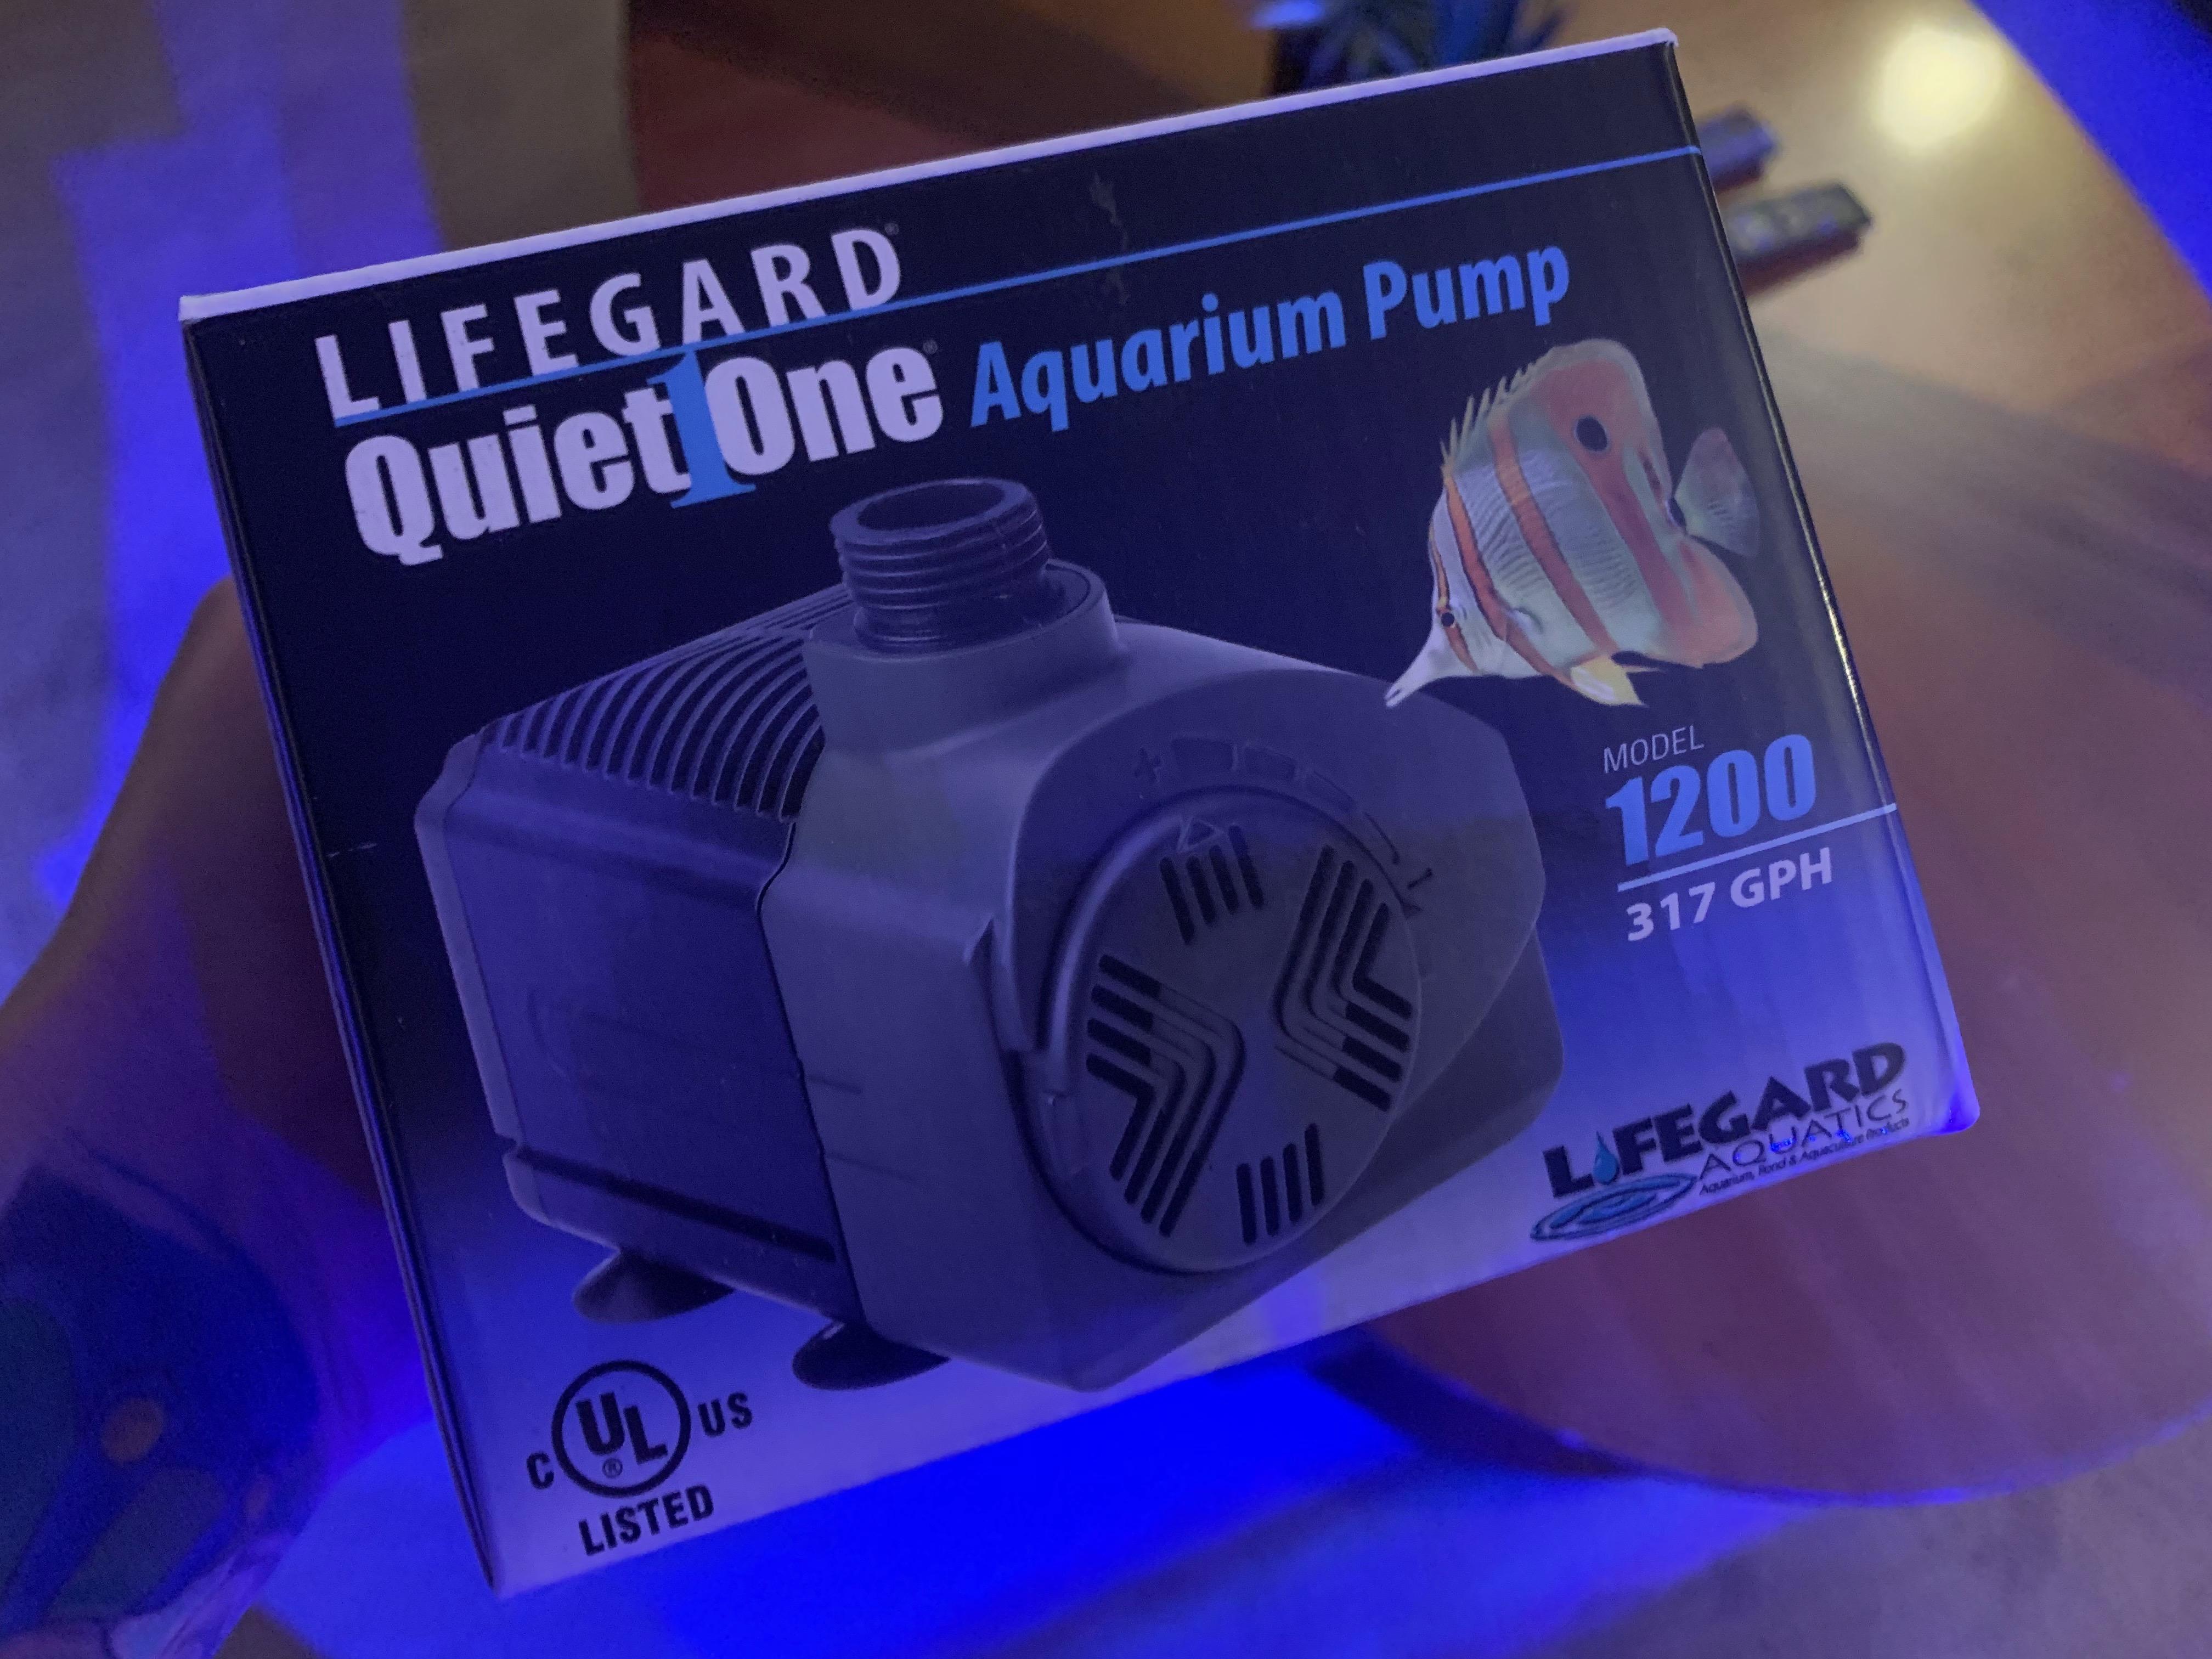 Fish & Aquariums Pet Supplies Lifegard Quiet One Aquarium Pump 6000 Professional Design